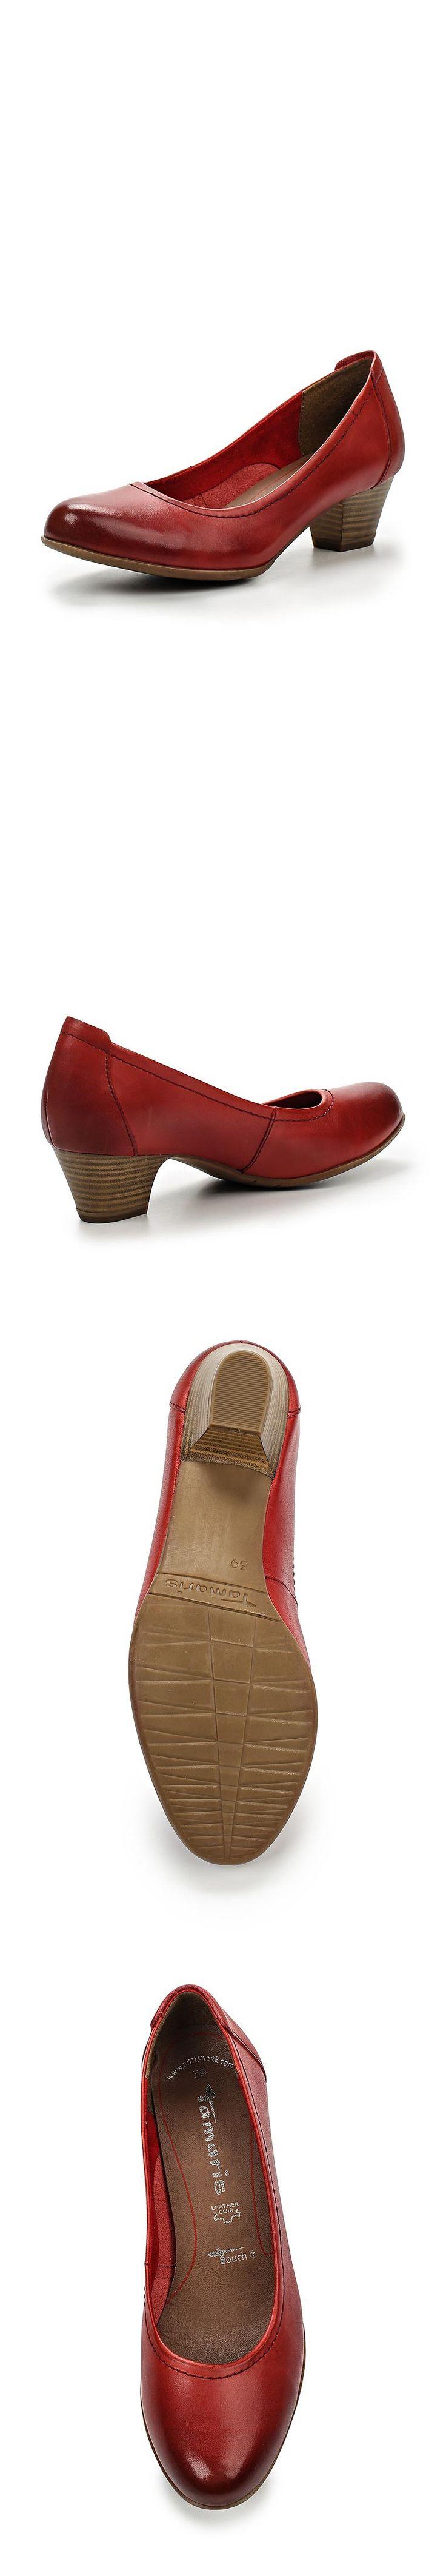 Женская обувь туфли Tamaris за 4799.00 руб.